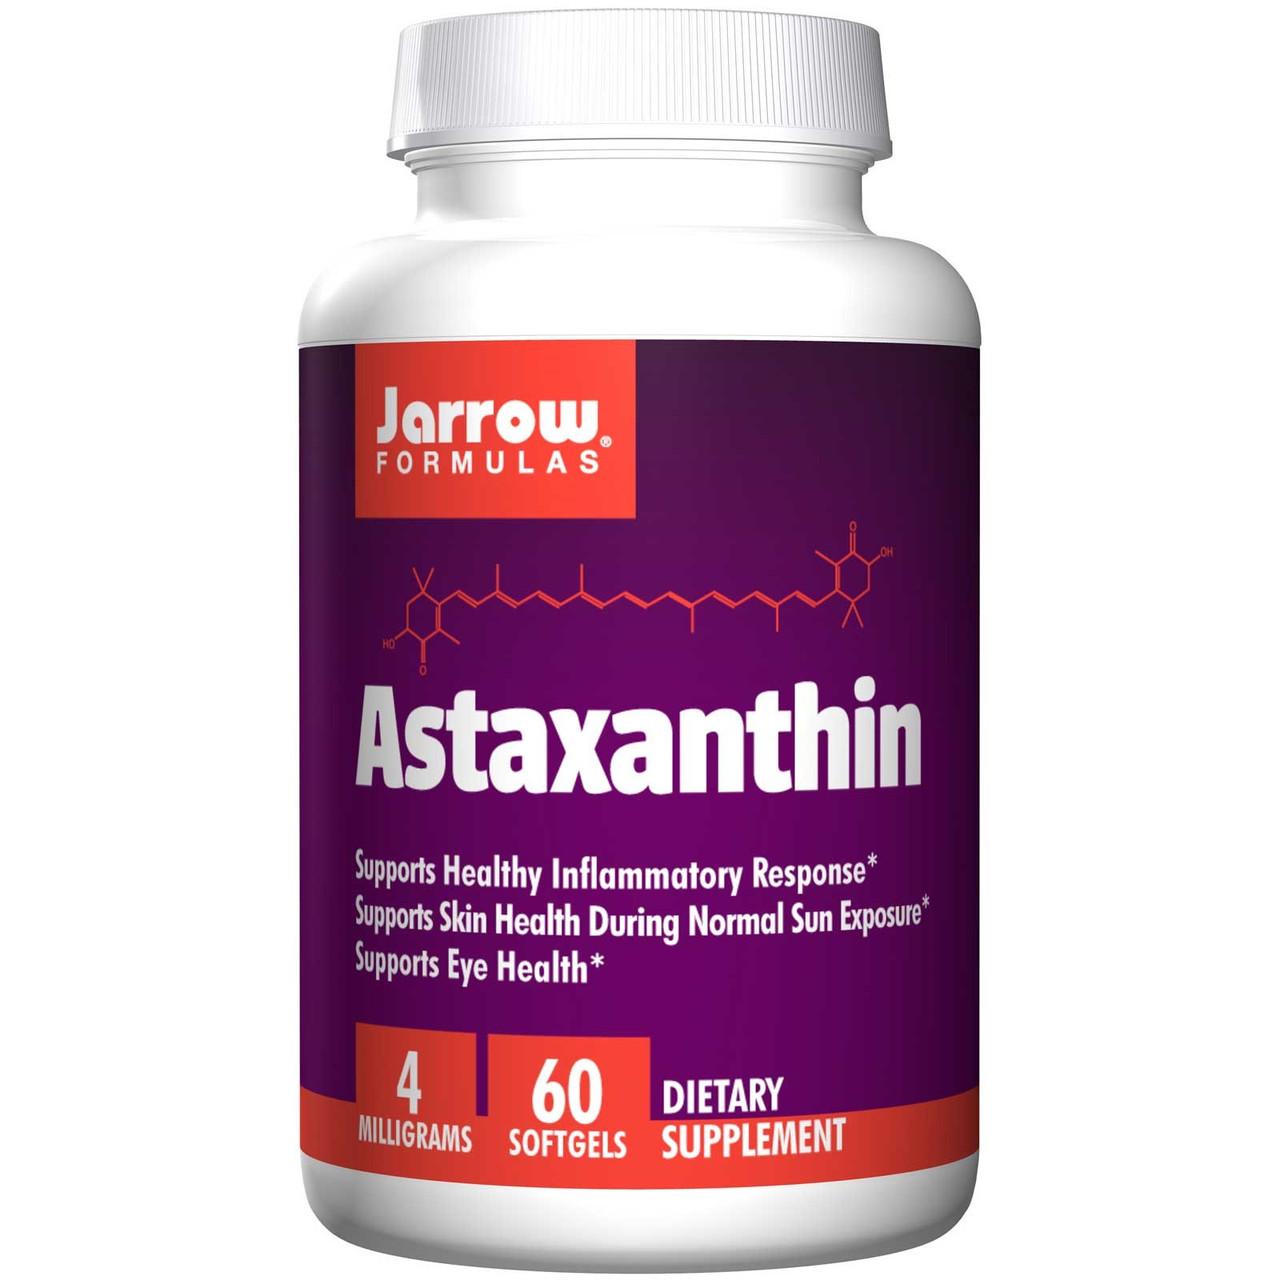 Астаксантин, Jarrow Formulas, 4 мг, 60 капсул. Сделано в США.